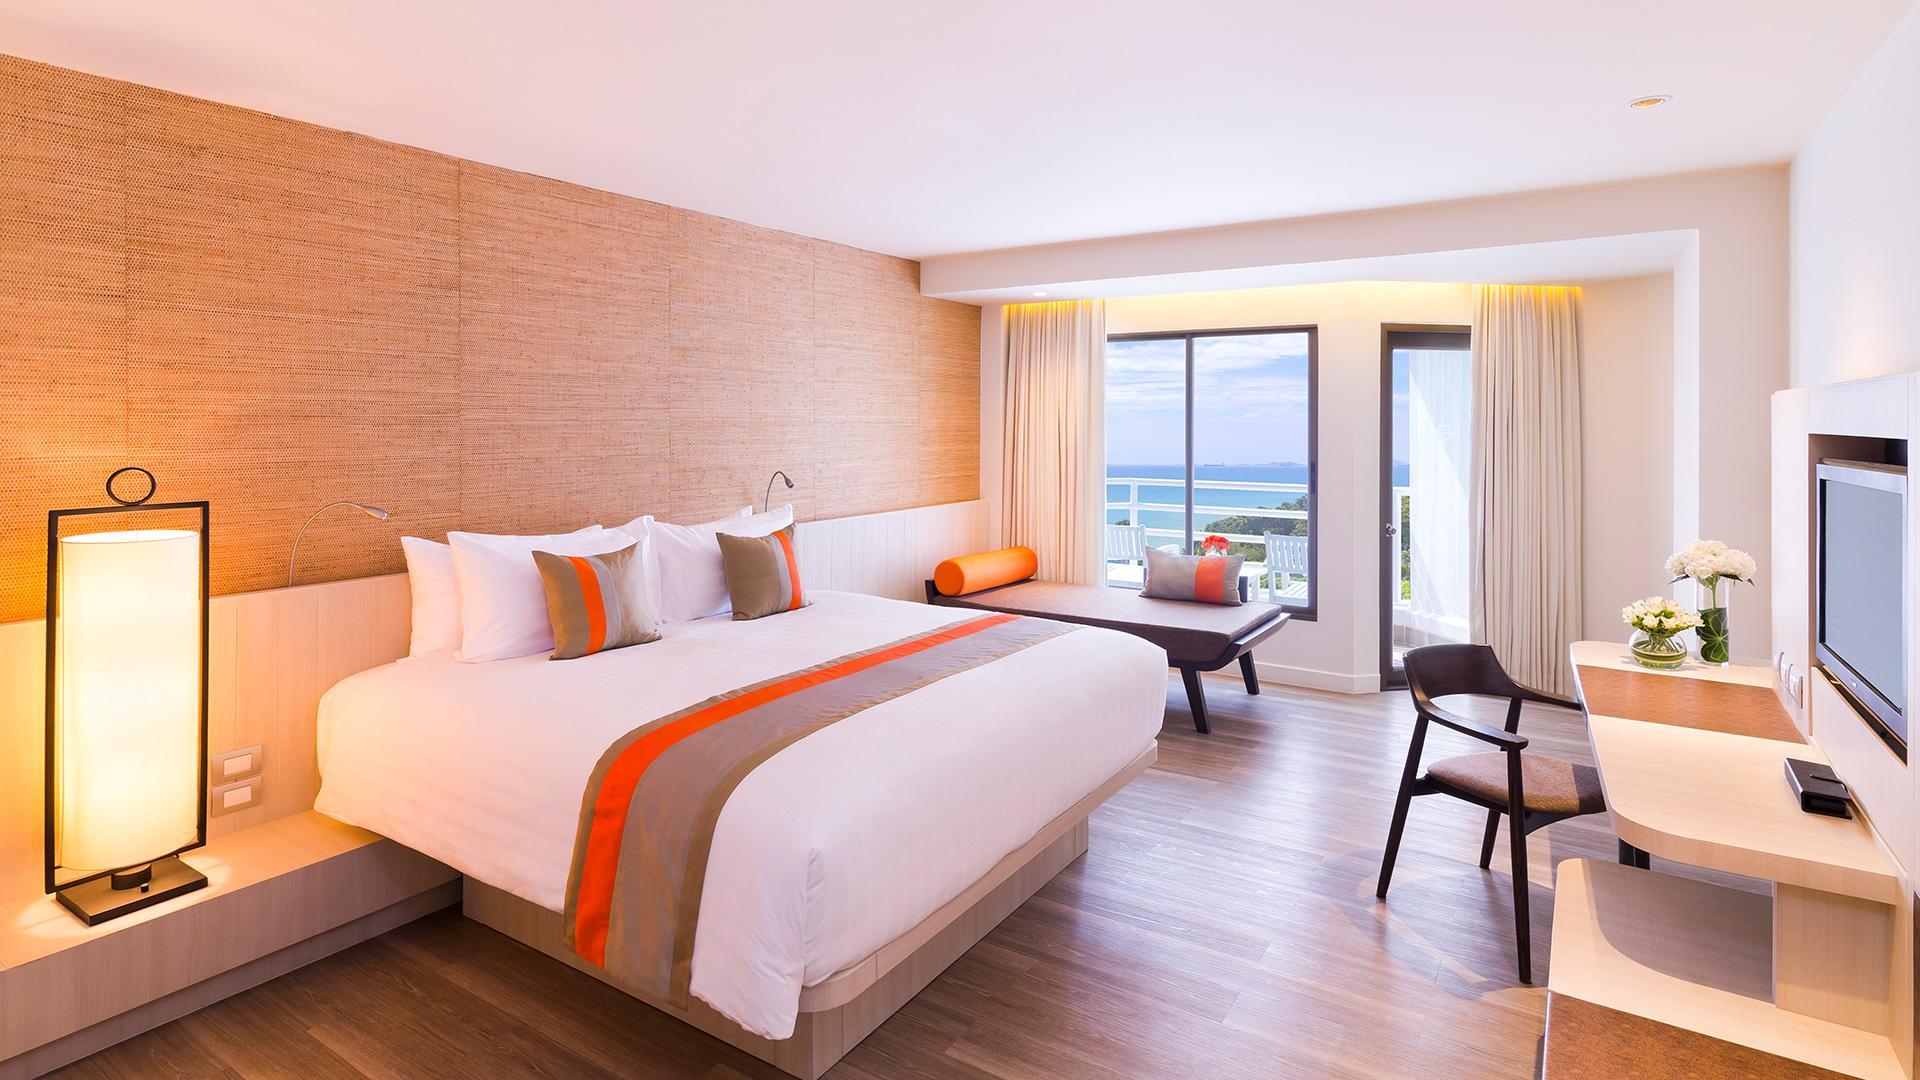 Deluxe Room image 1 at Pullman Pattaya Hotel G by Amphoe Bang Lamung, Chang Wat Chon Buri, Thailand